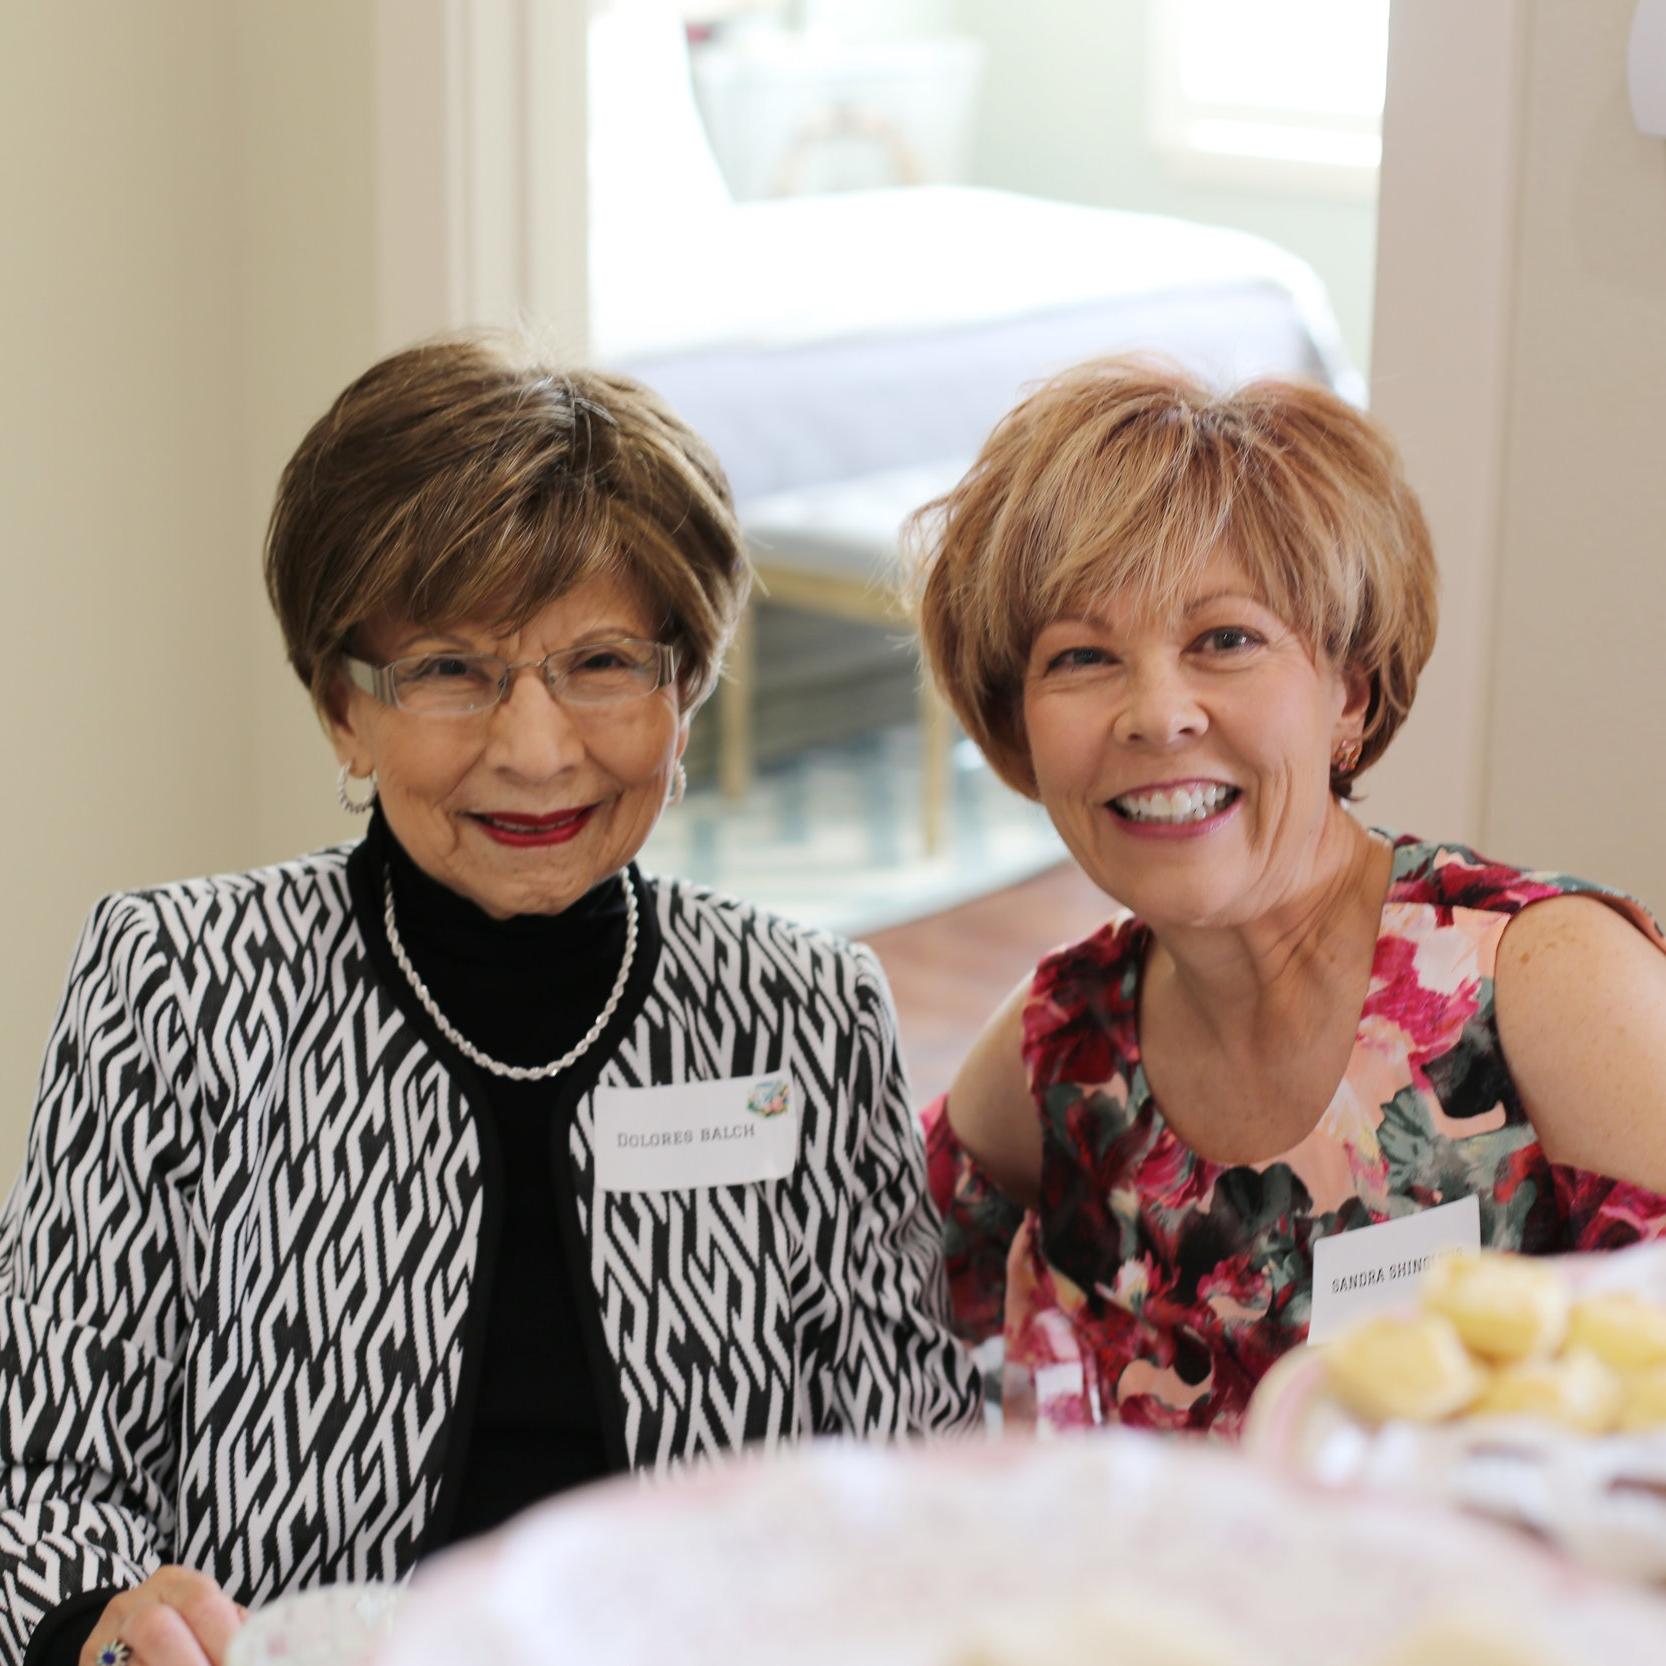 Delores Balch and Sandra Shingleur